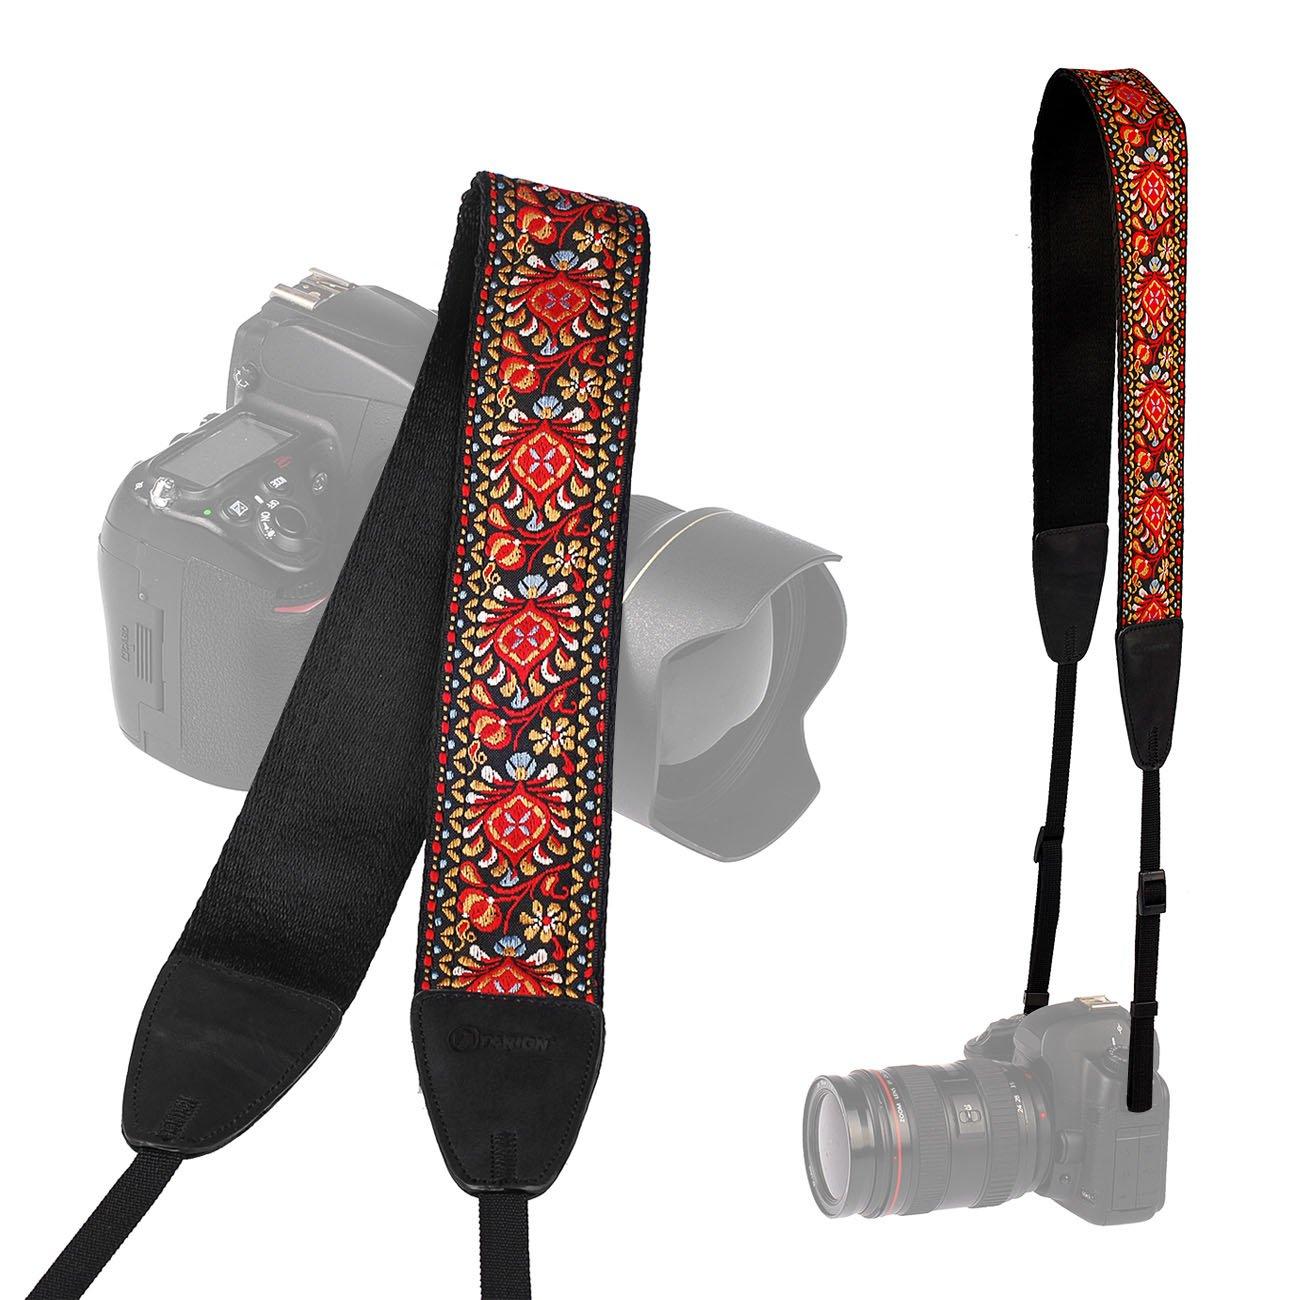 TARION Camera Shoulder Neck Soft Vintage Jacquard Weave Strap Belt for SLR DSLR Mirrorless Digital Cameras Nikon Canon Sony Pentax B Style Camera-Strap-LT-02K